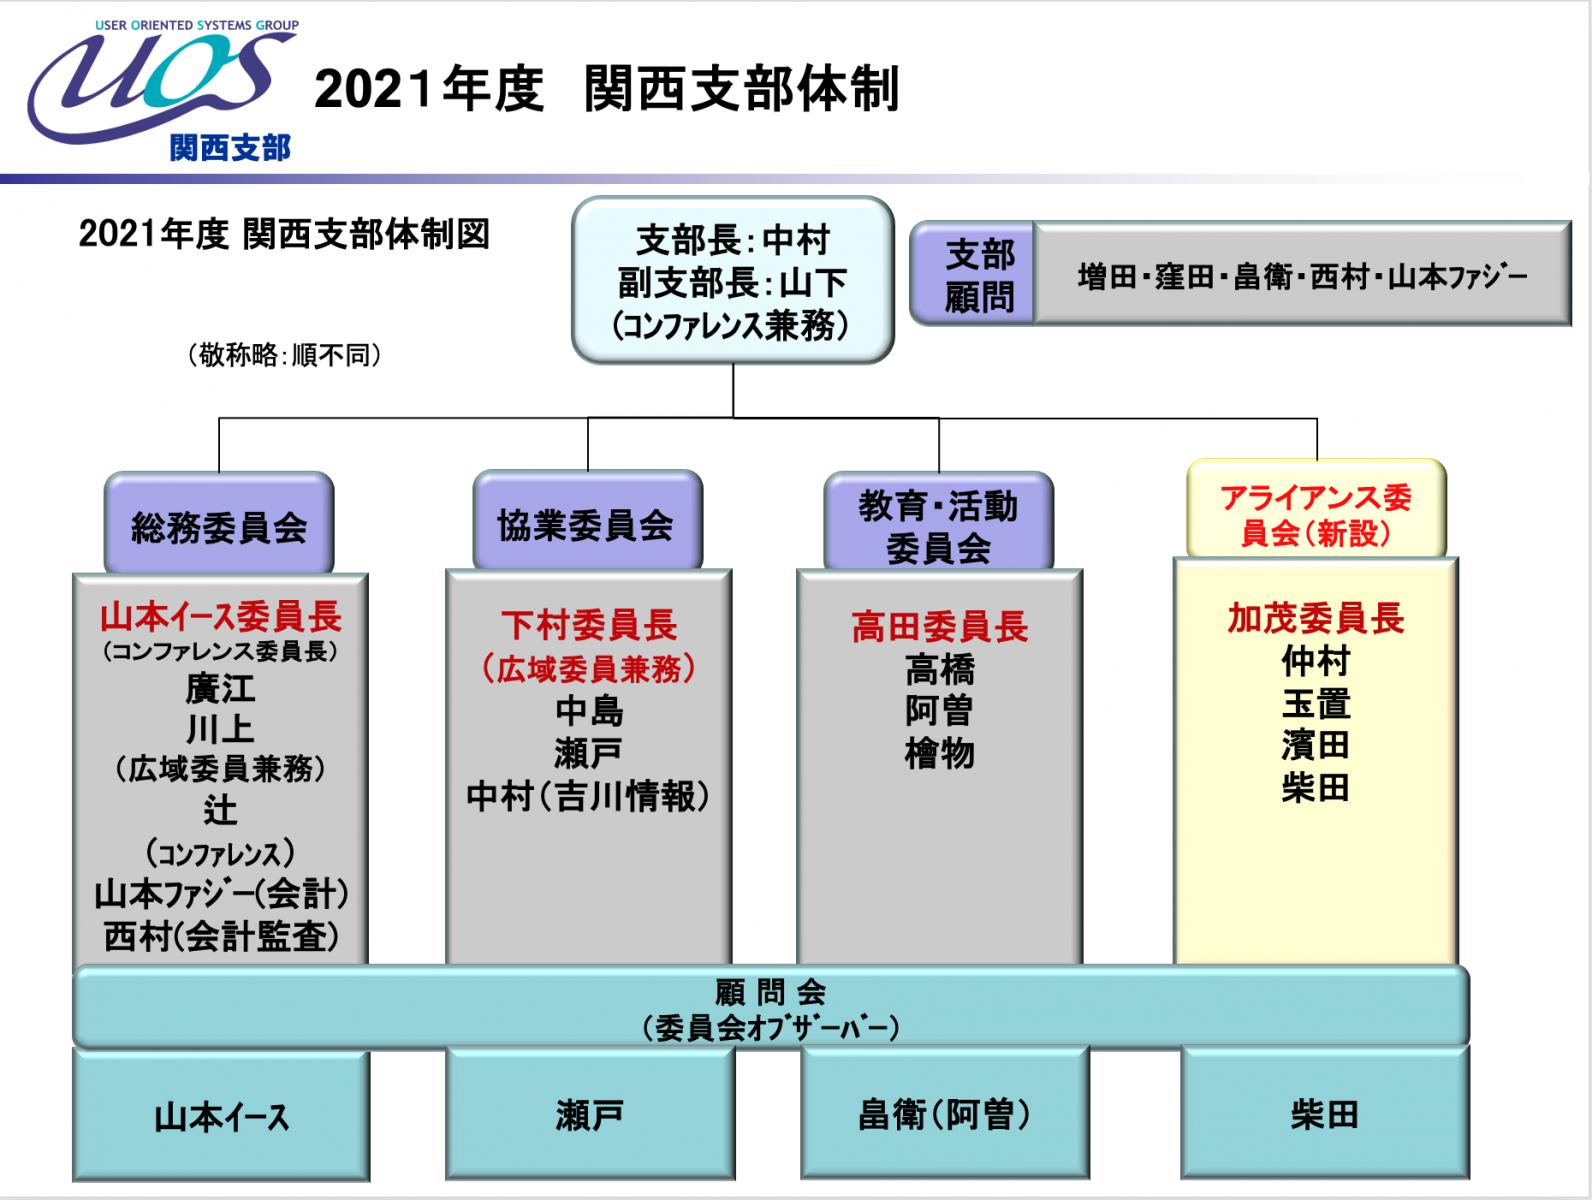 関西支部2021年体制図